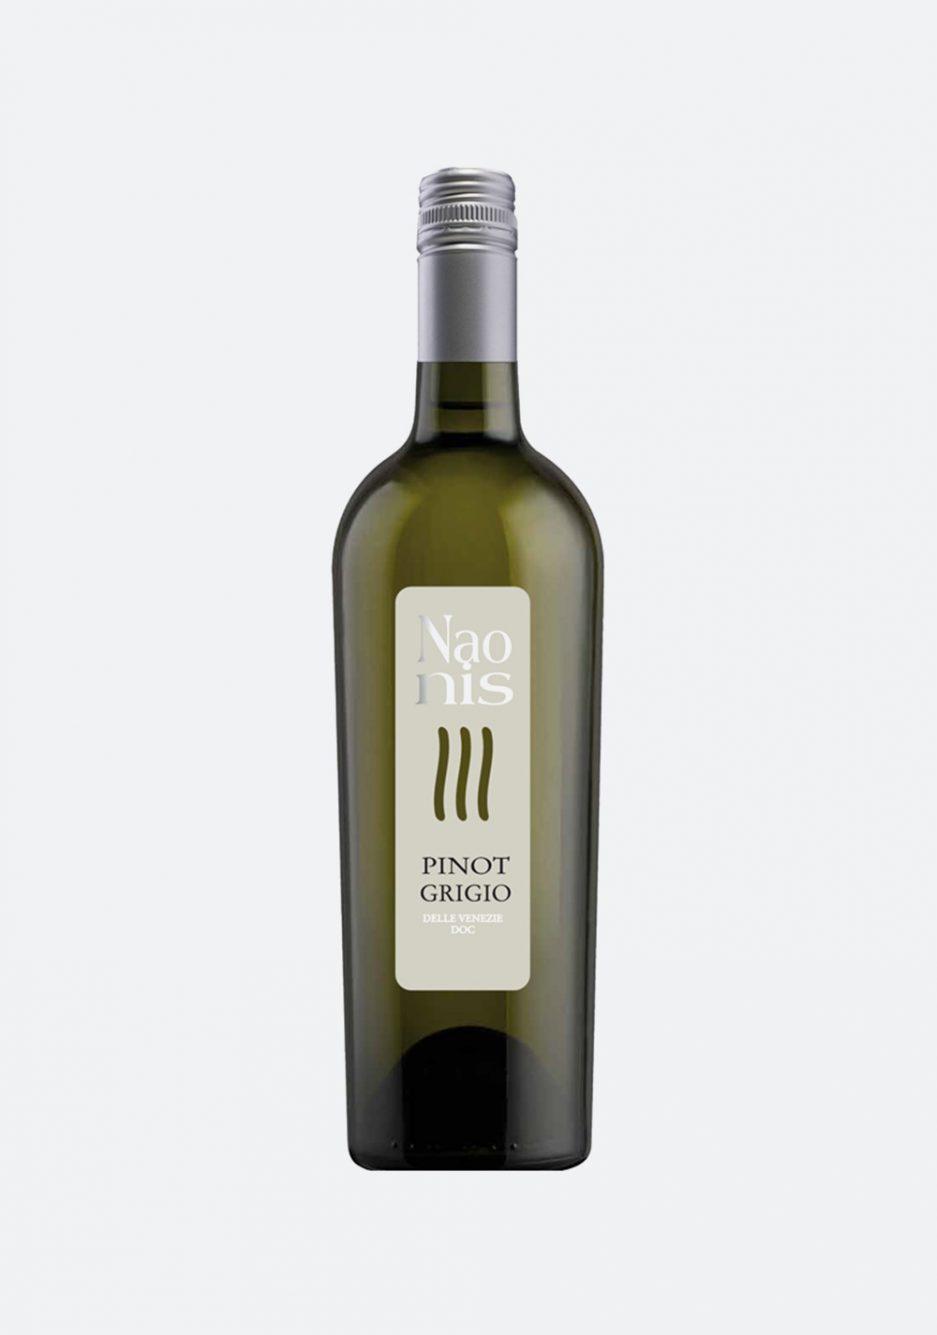 Pinot Grigio Naonis 2018, Veneto